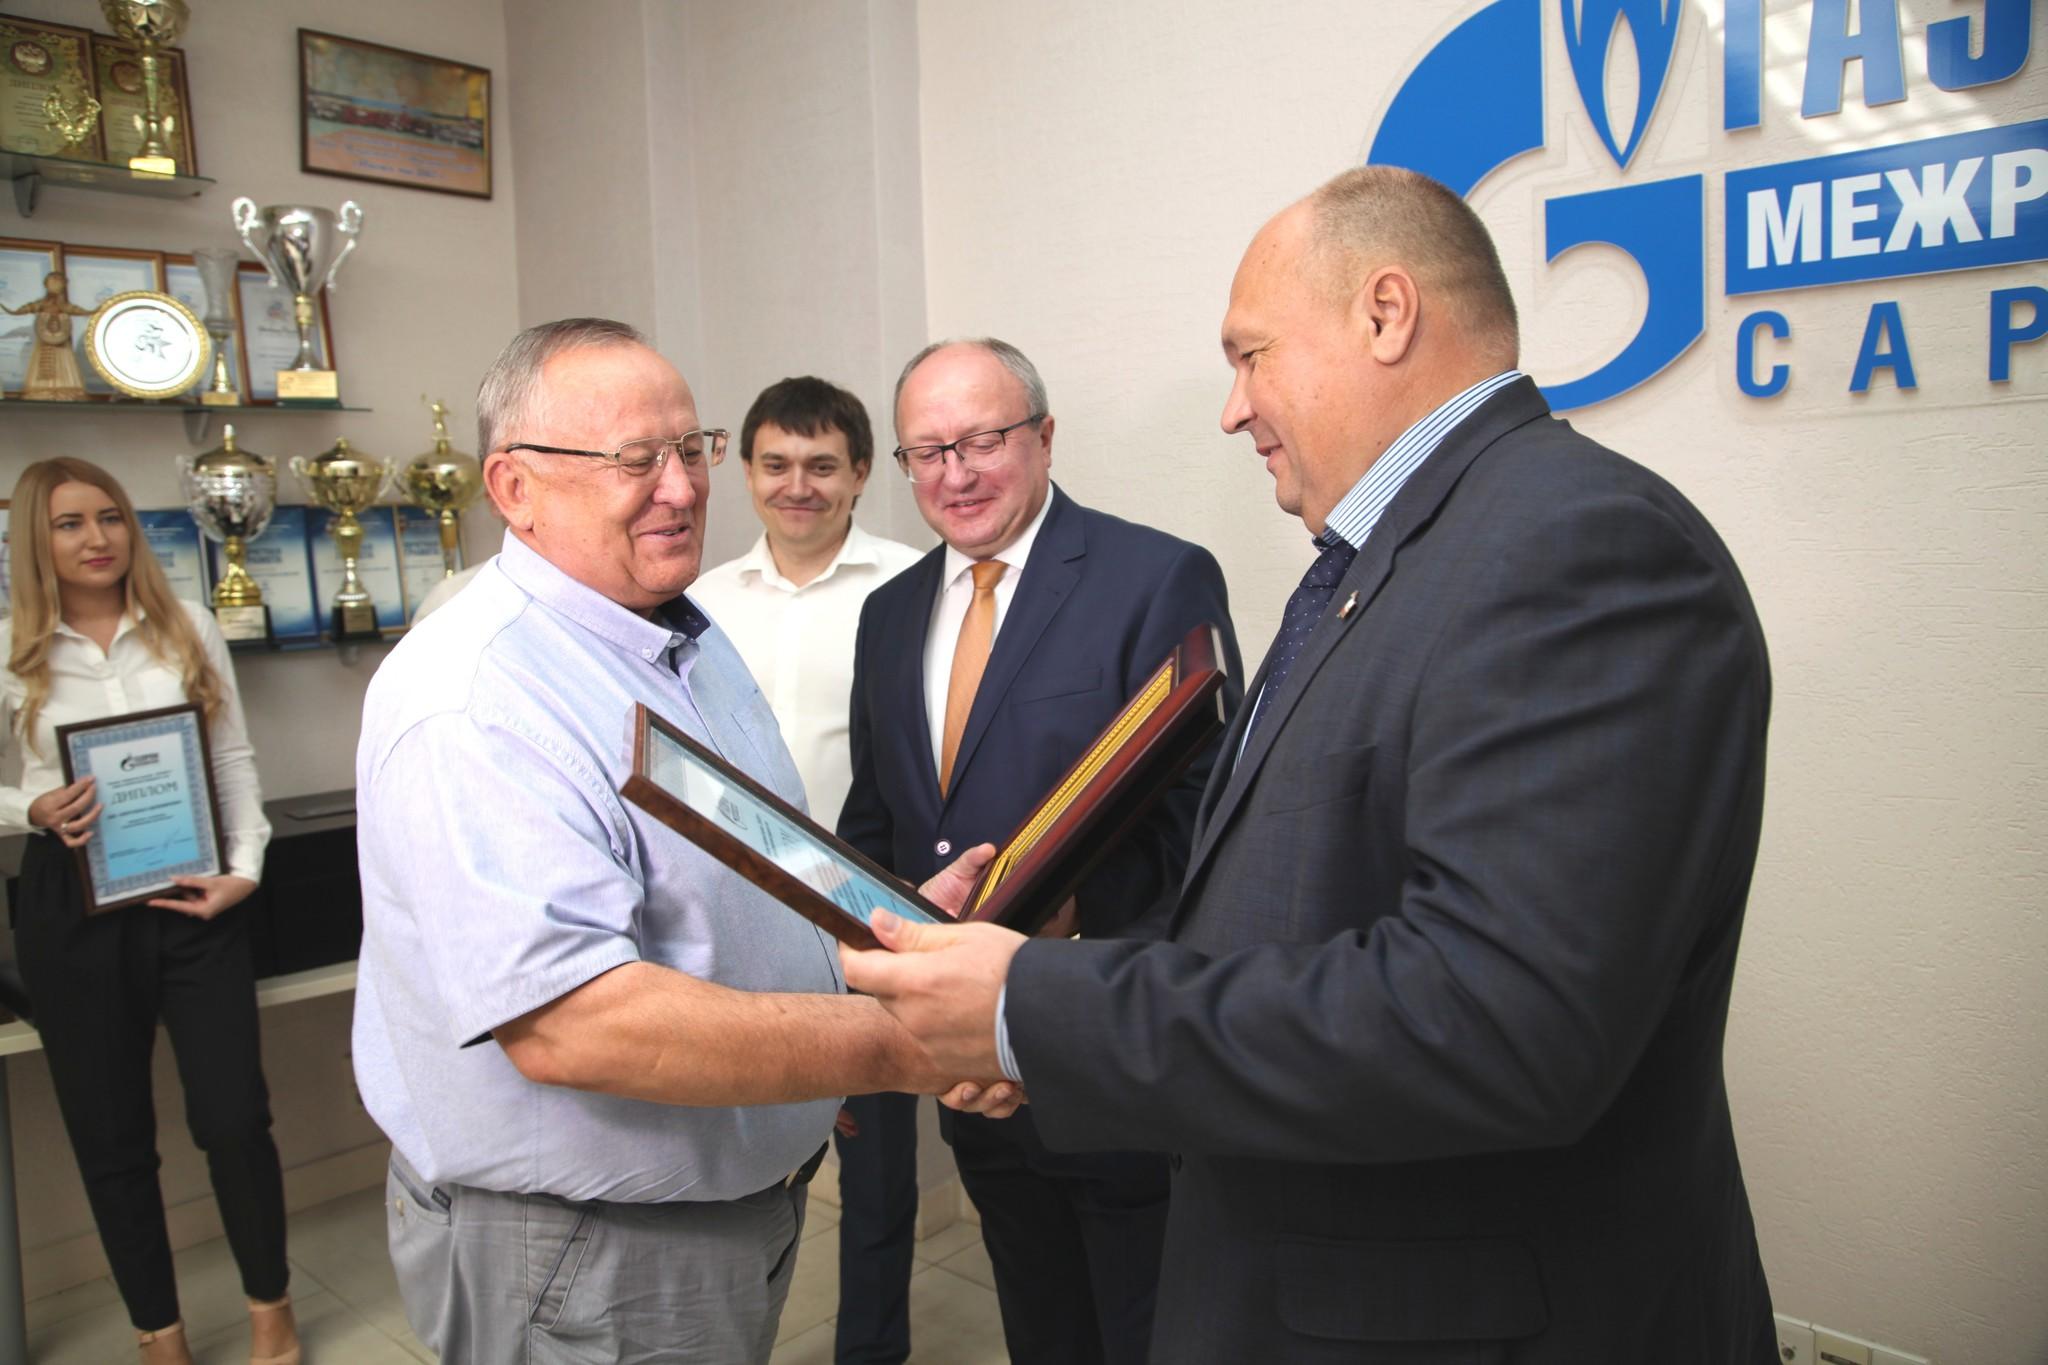 ОАО Газпром трансгаз Беларусь